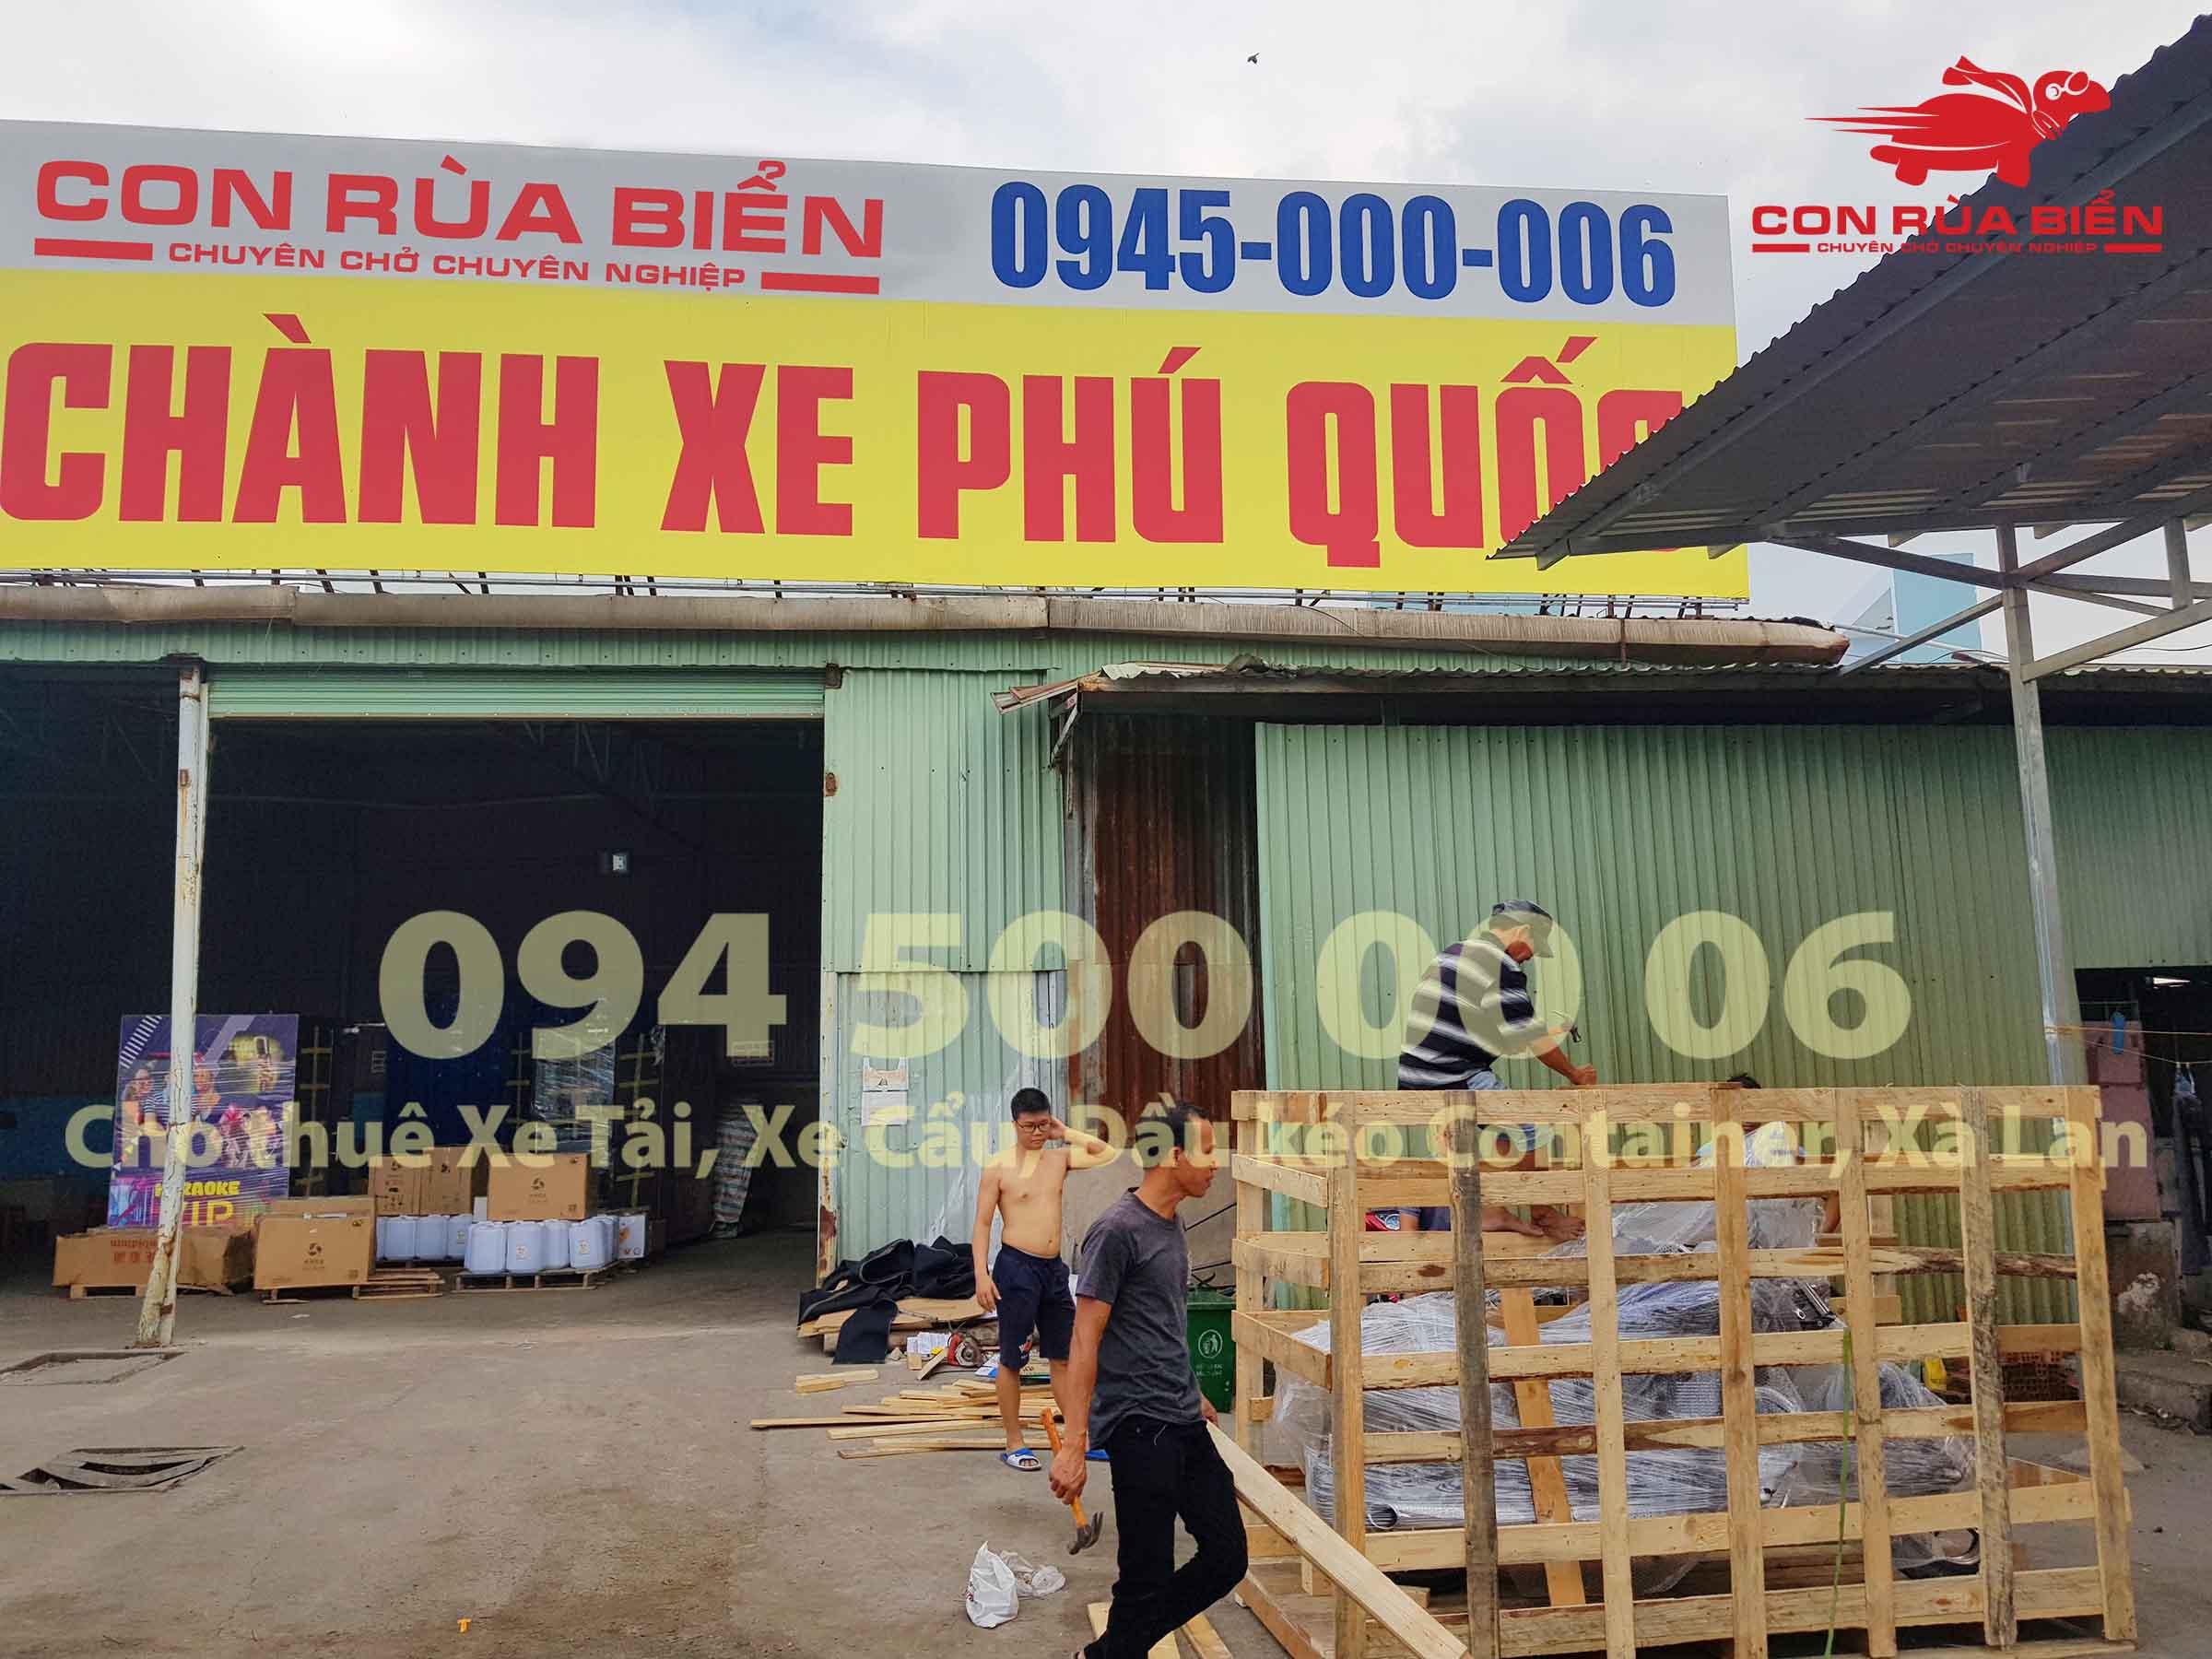 Du an Van chuyen xe may di Phu Quoc 15